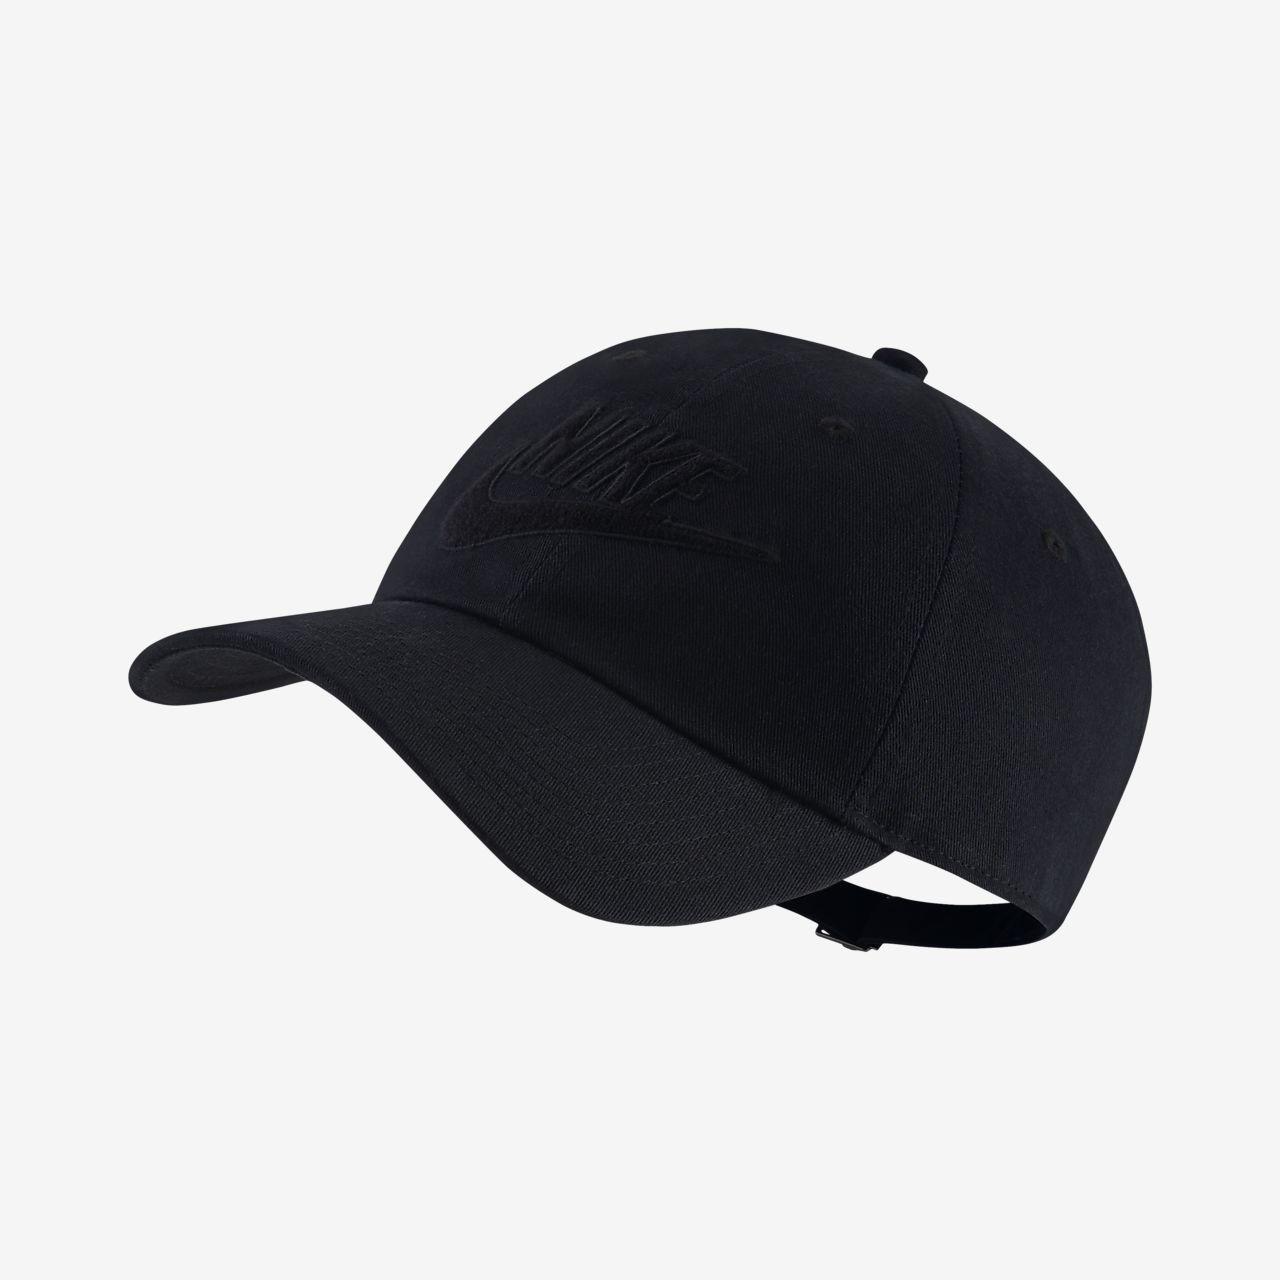 Nike Sportswear Heritage86 Women's Adjustable Hat